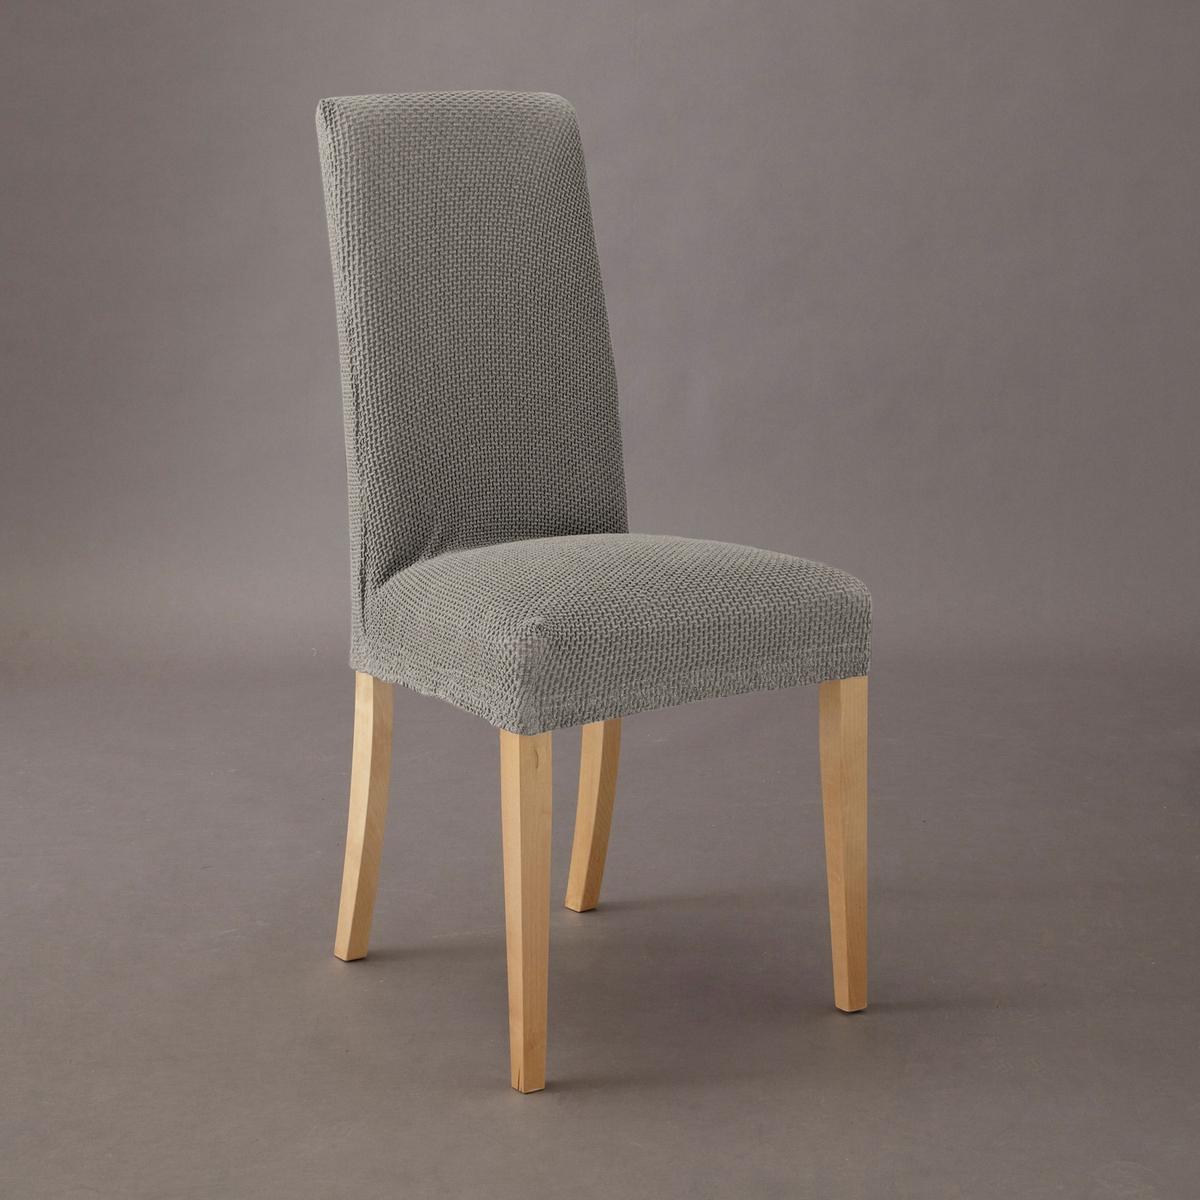 Чехол для стула Ахмис от La Redoute